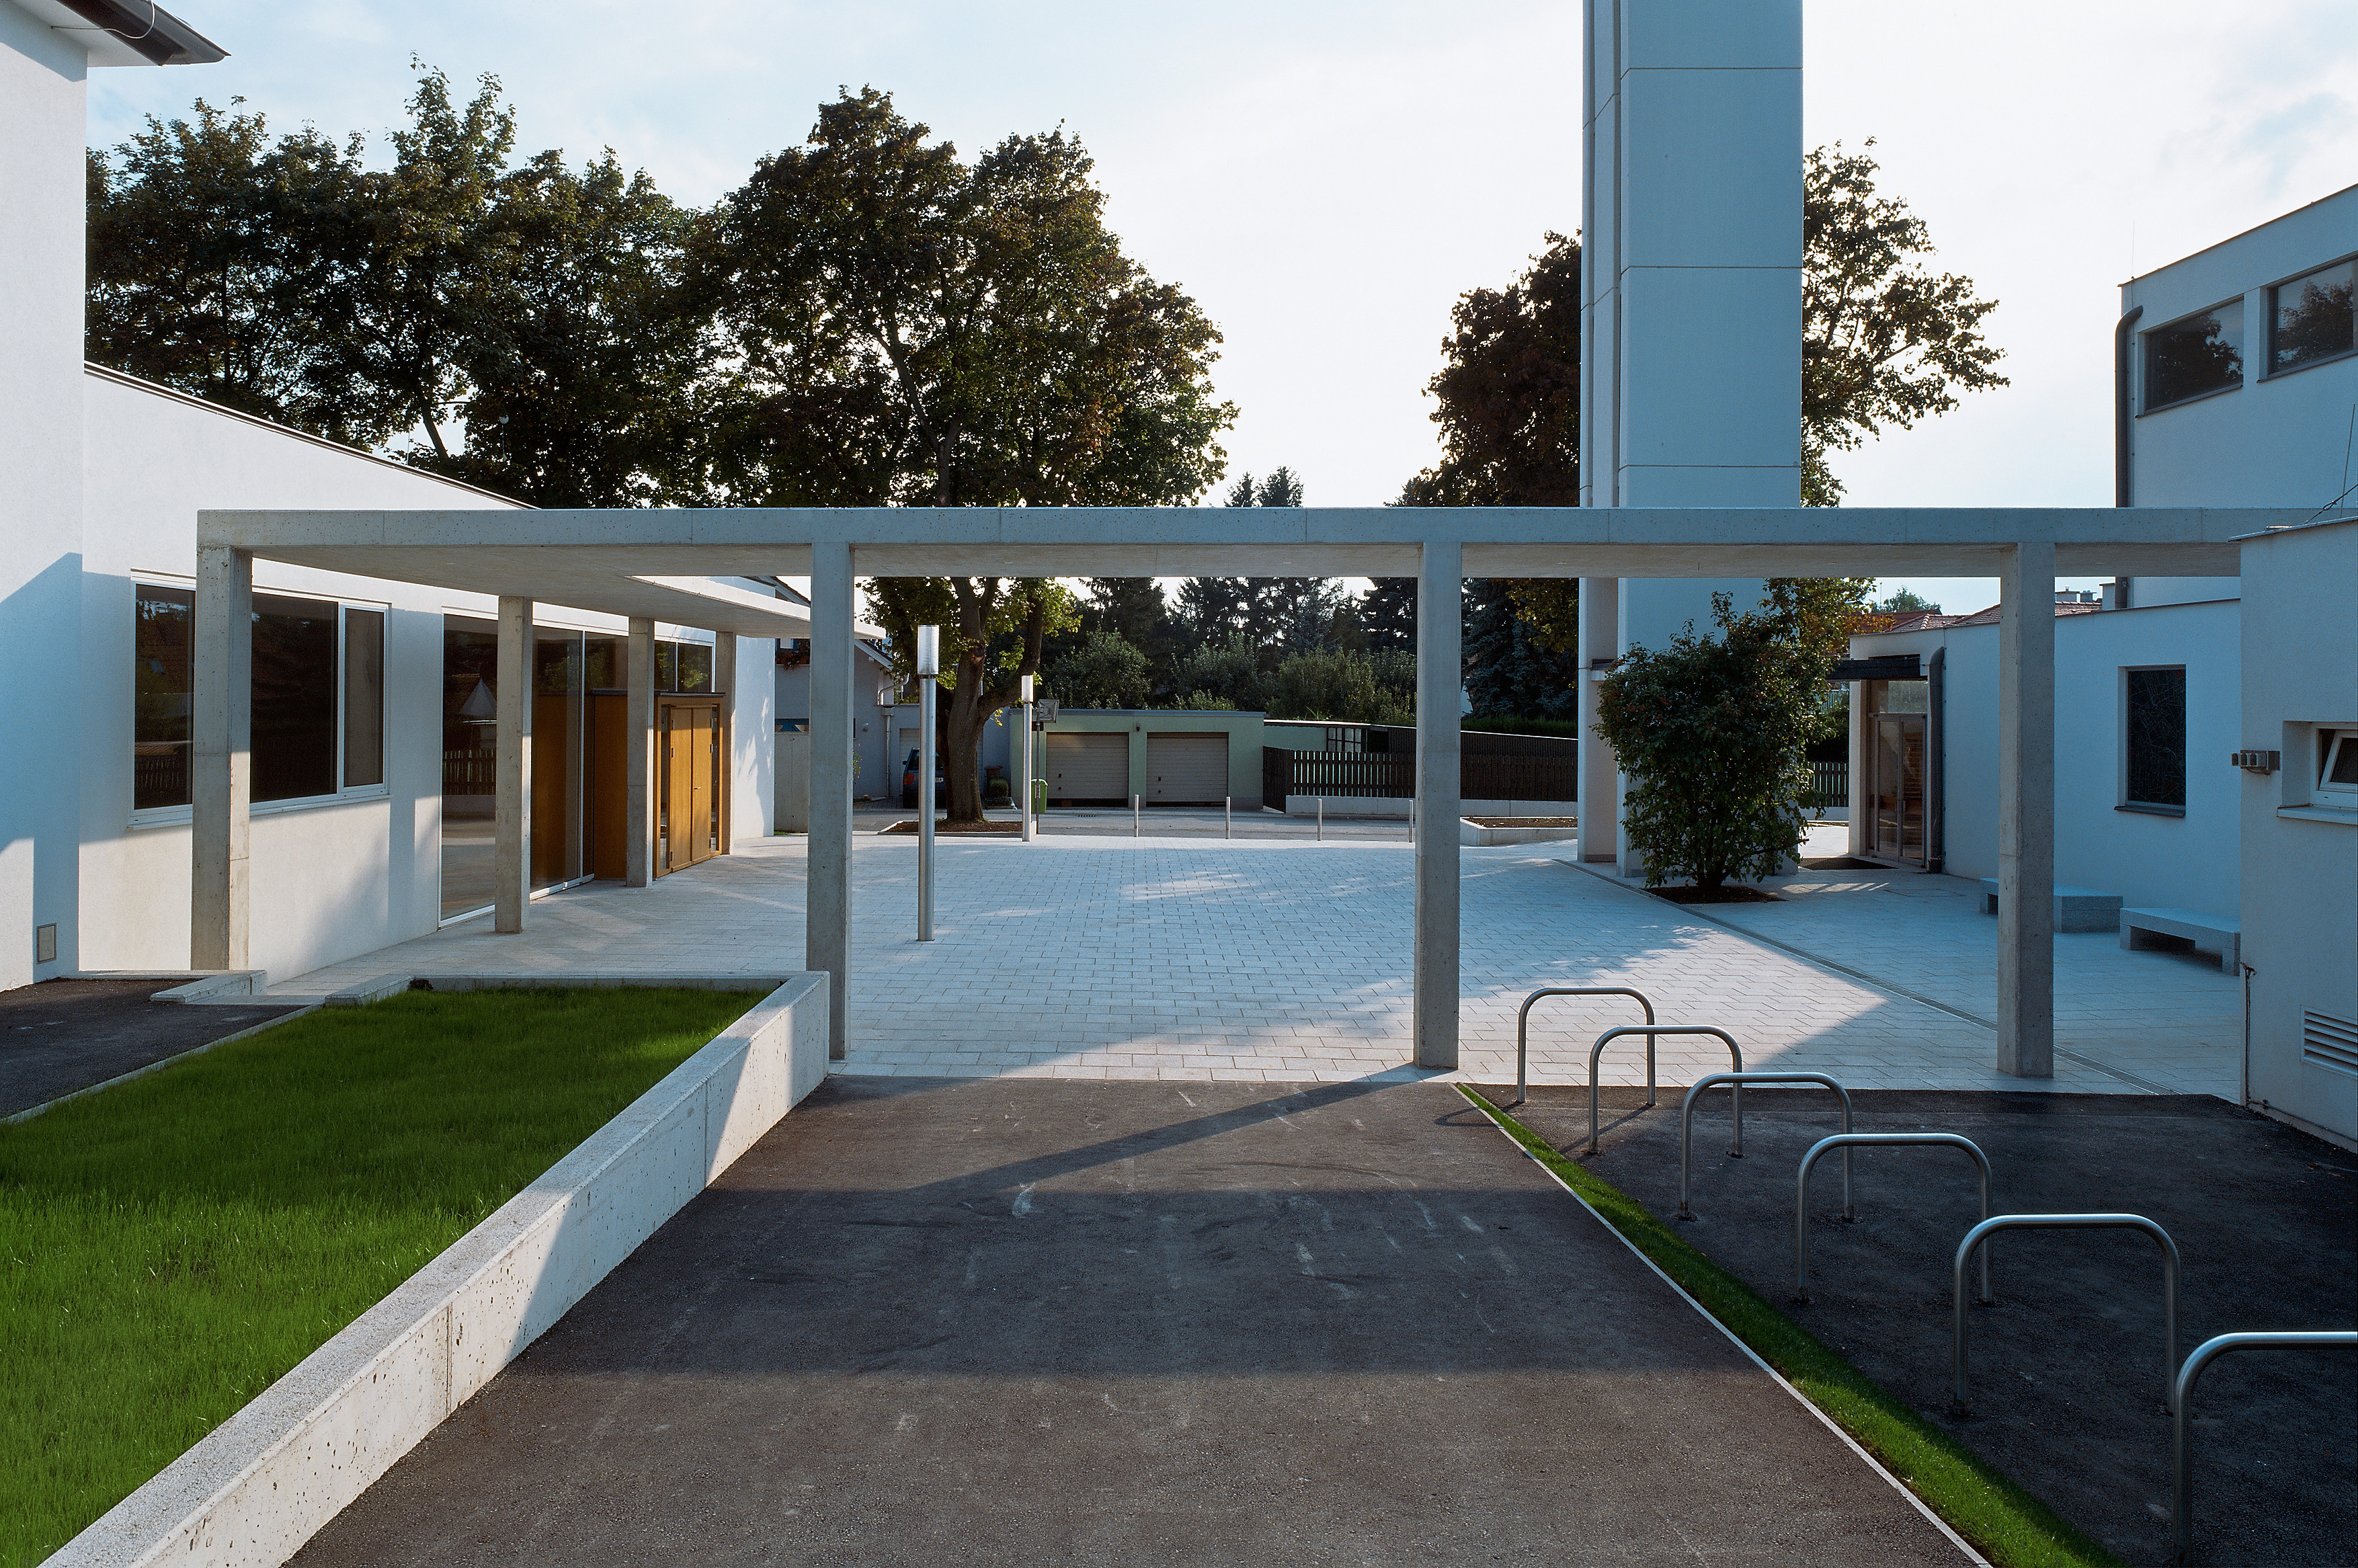 <p>© RUNSER / PRANTL architekten, Pfarrgemeindezentrum, 2353 Neu Guntramsdorf, Niederösterreich, Österreich, 2009, Platzgestaltung, Kirche, Fotograf Rupert Steiner</p>